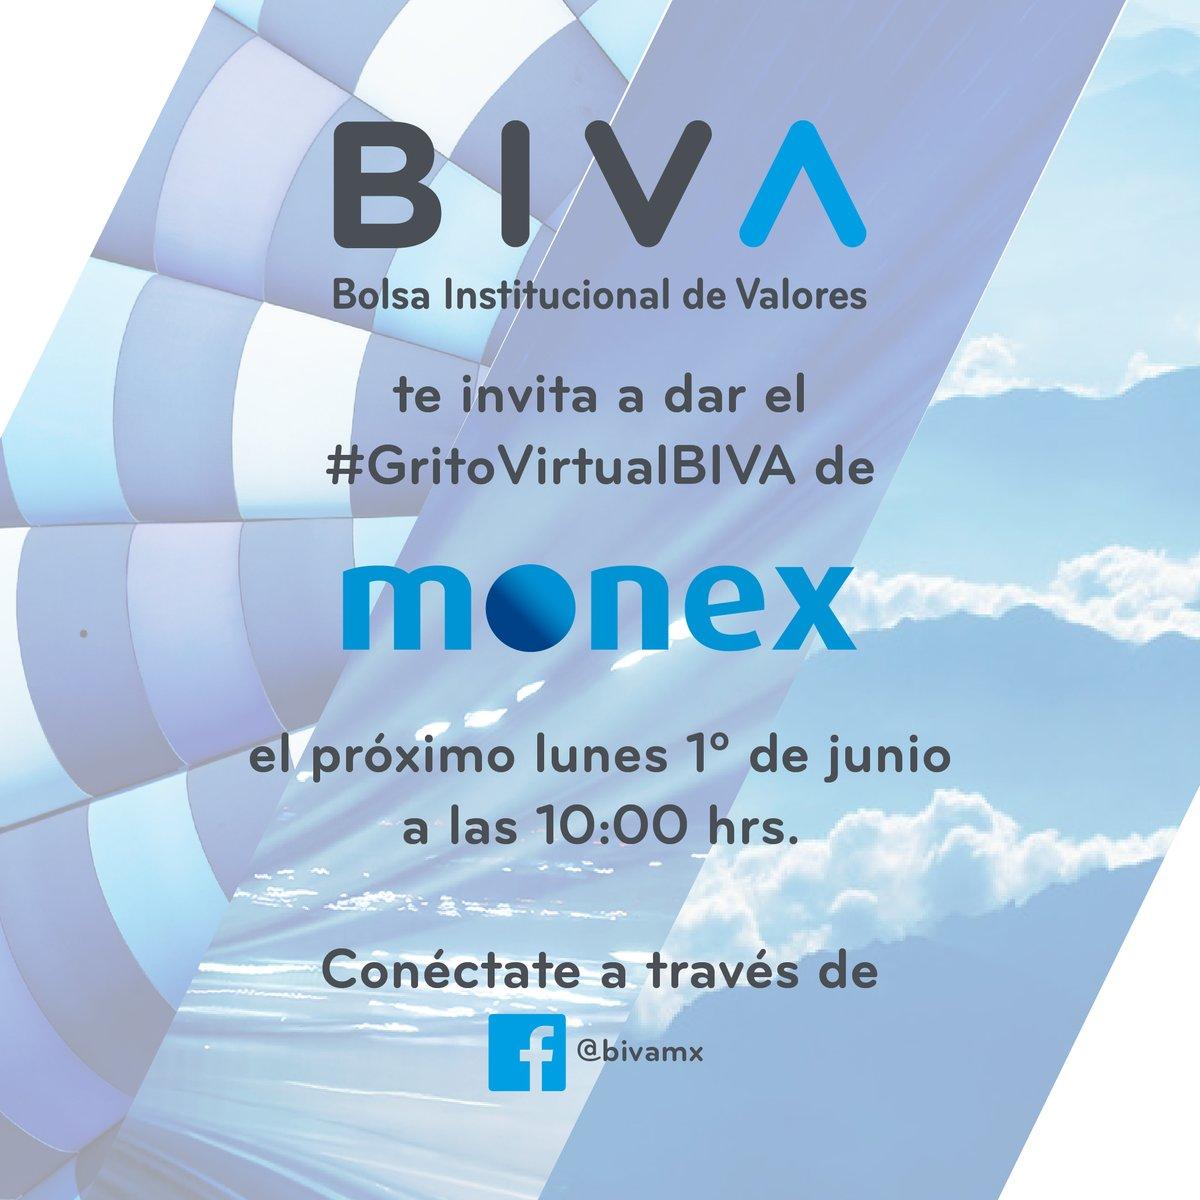 Recuerda que #hoy a las 10:00 am, @MonexAnalisis dará el #GritoVirtualBIVA. Conéctate a nuestro #FacebookLive y acompáñanos a gritar juntos ¡#BIVAMonex! ¡#BIVAMéxico! ¡#BIVAMonex! Sigue este enlace: facebook.com/bivamx/